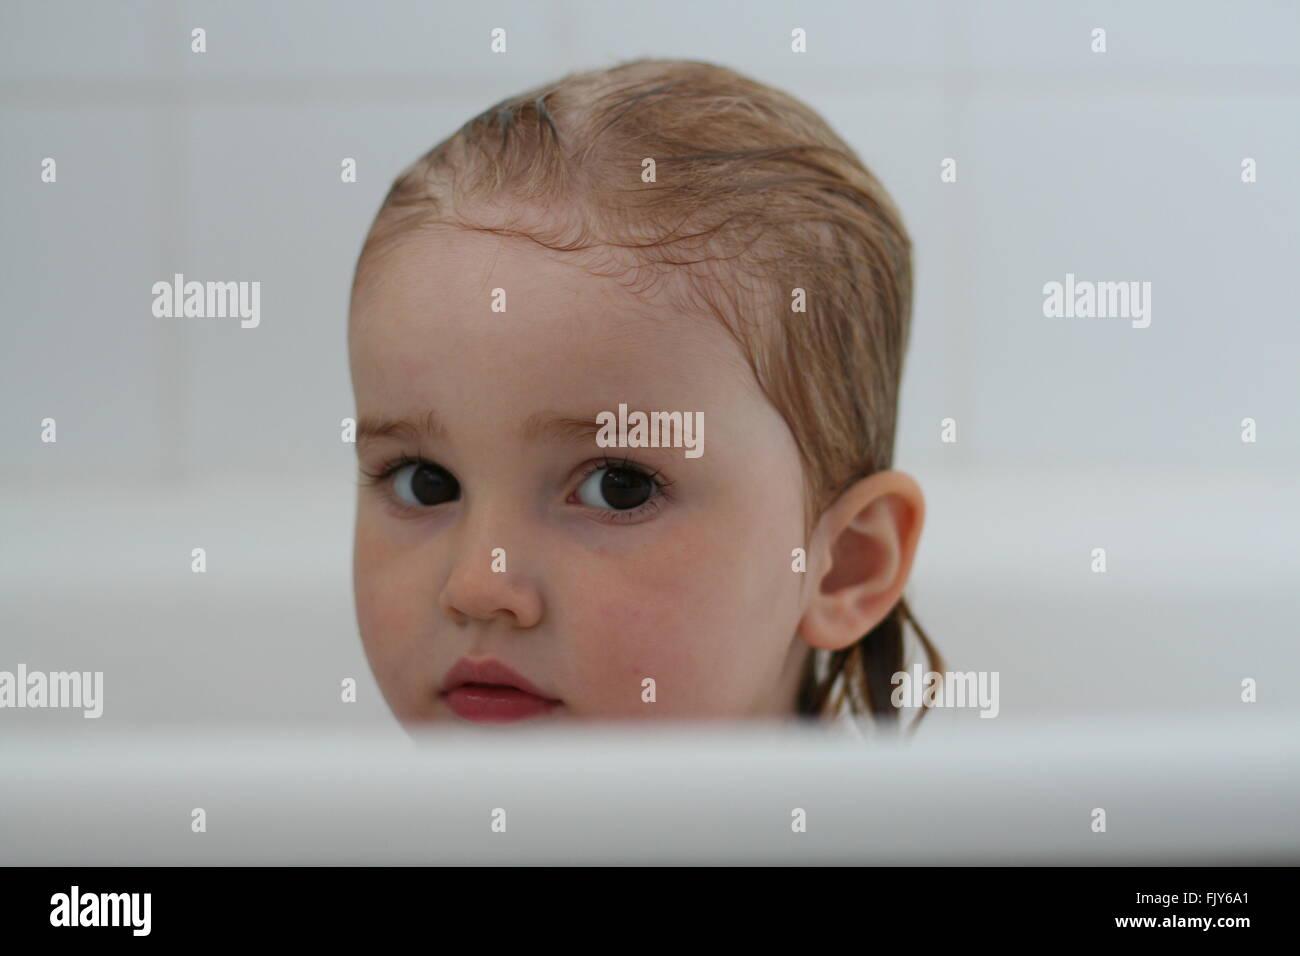 Bambina bambino seduto in un bagno di colore bianco con i capelli